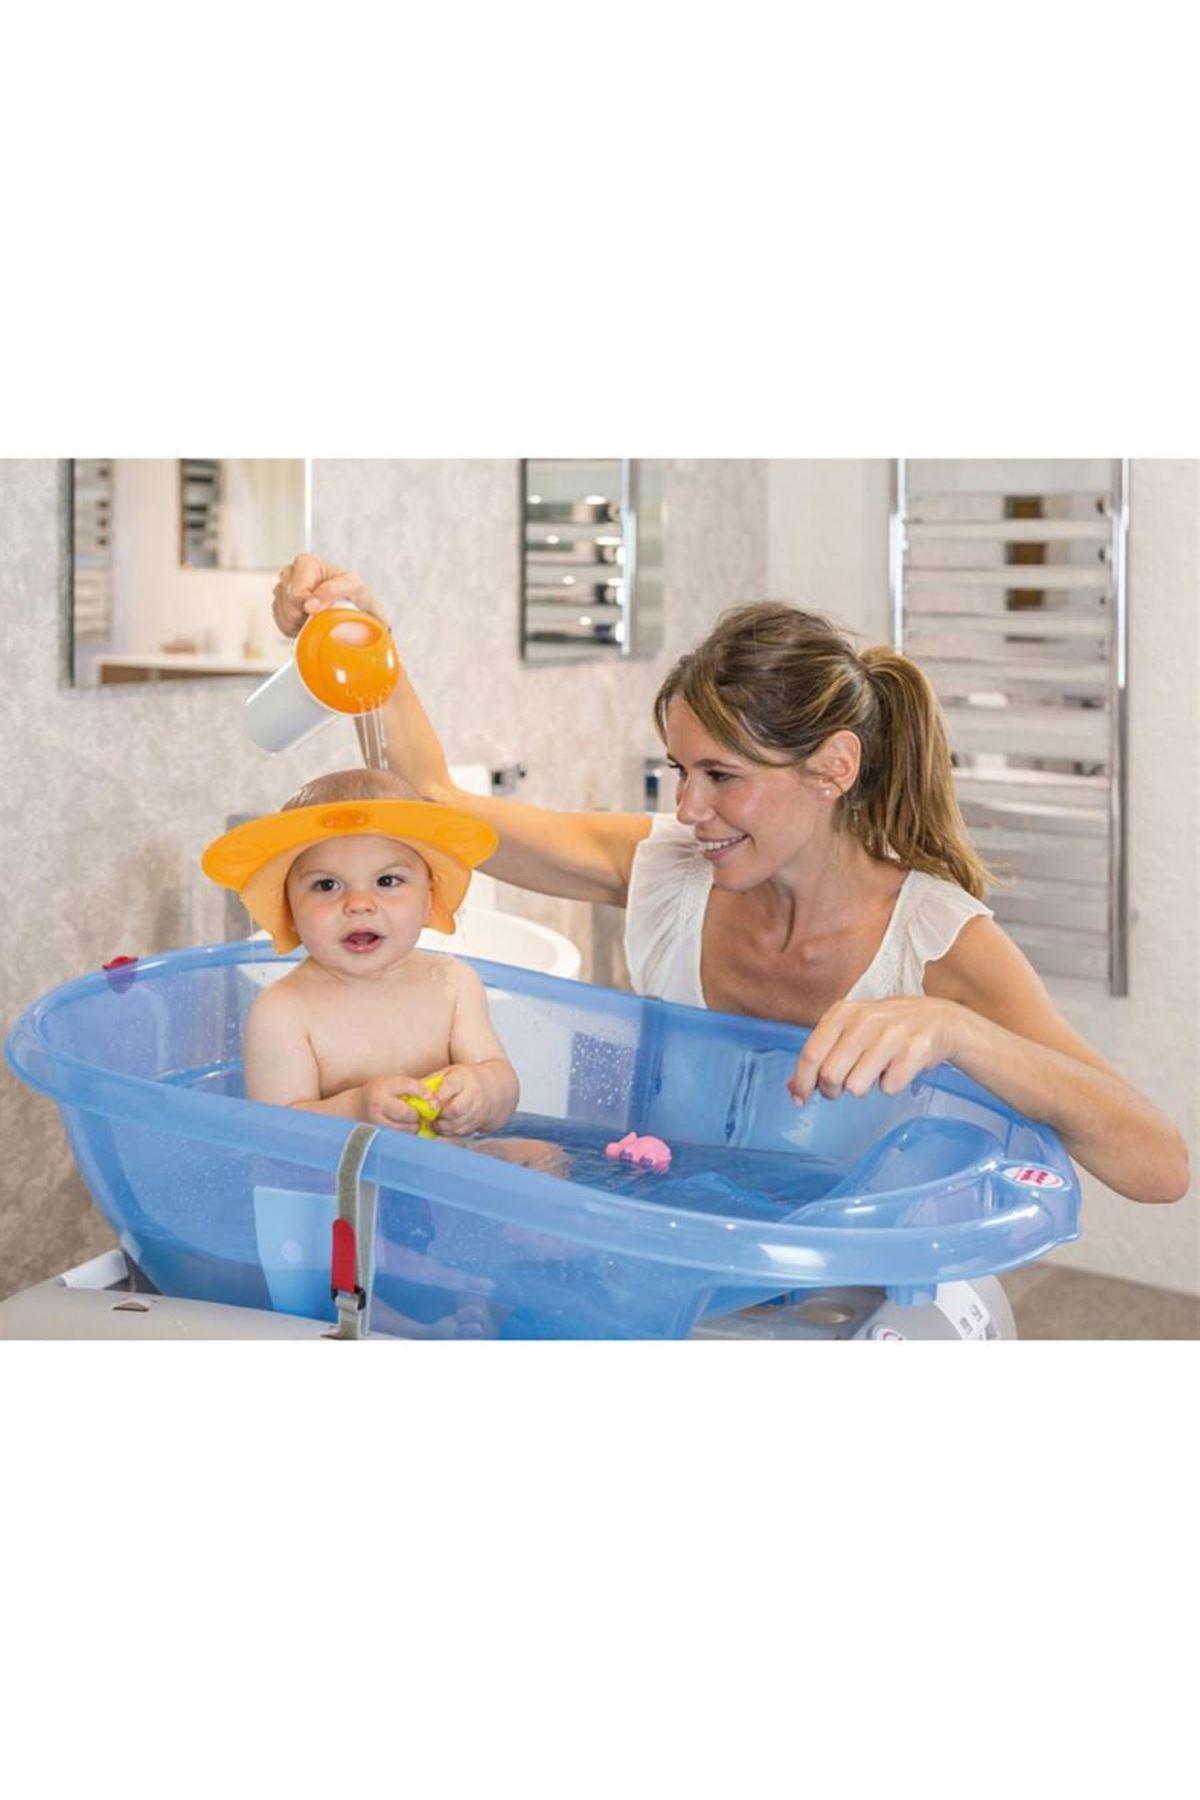 Okbaby Hippo Banyo Siperliği / Turuncu